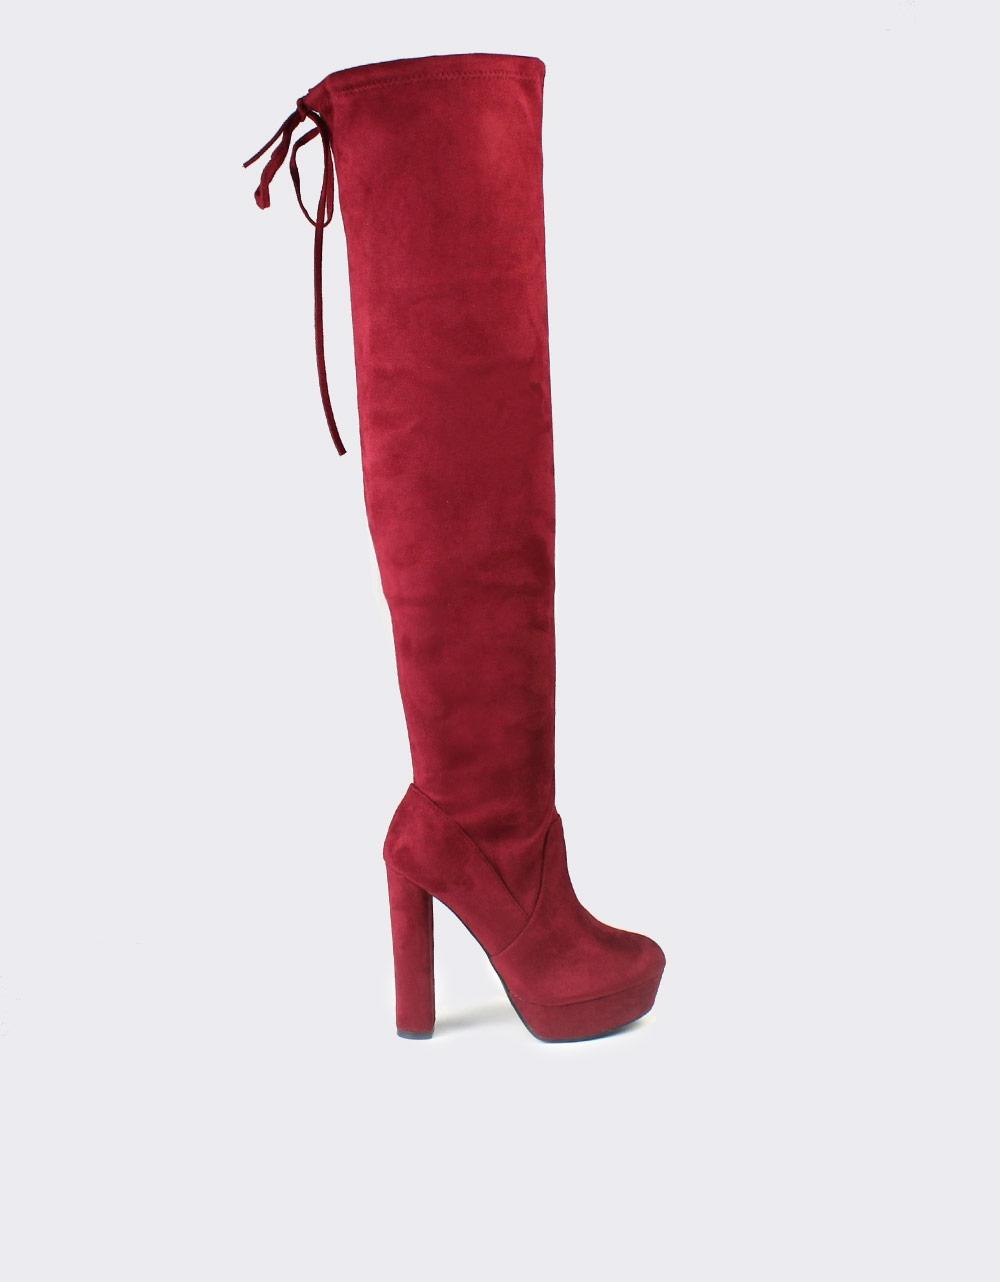 Εικόνα από Γυναικείες μπότες μονόχρωμες με φιάπα Μπορντώ